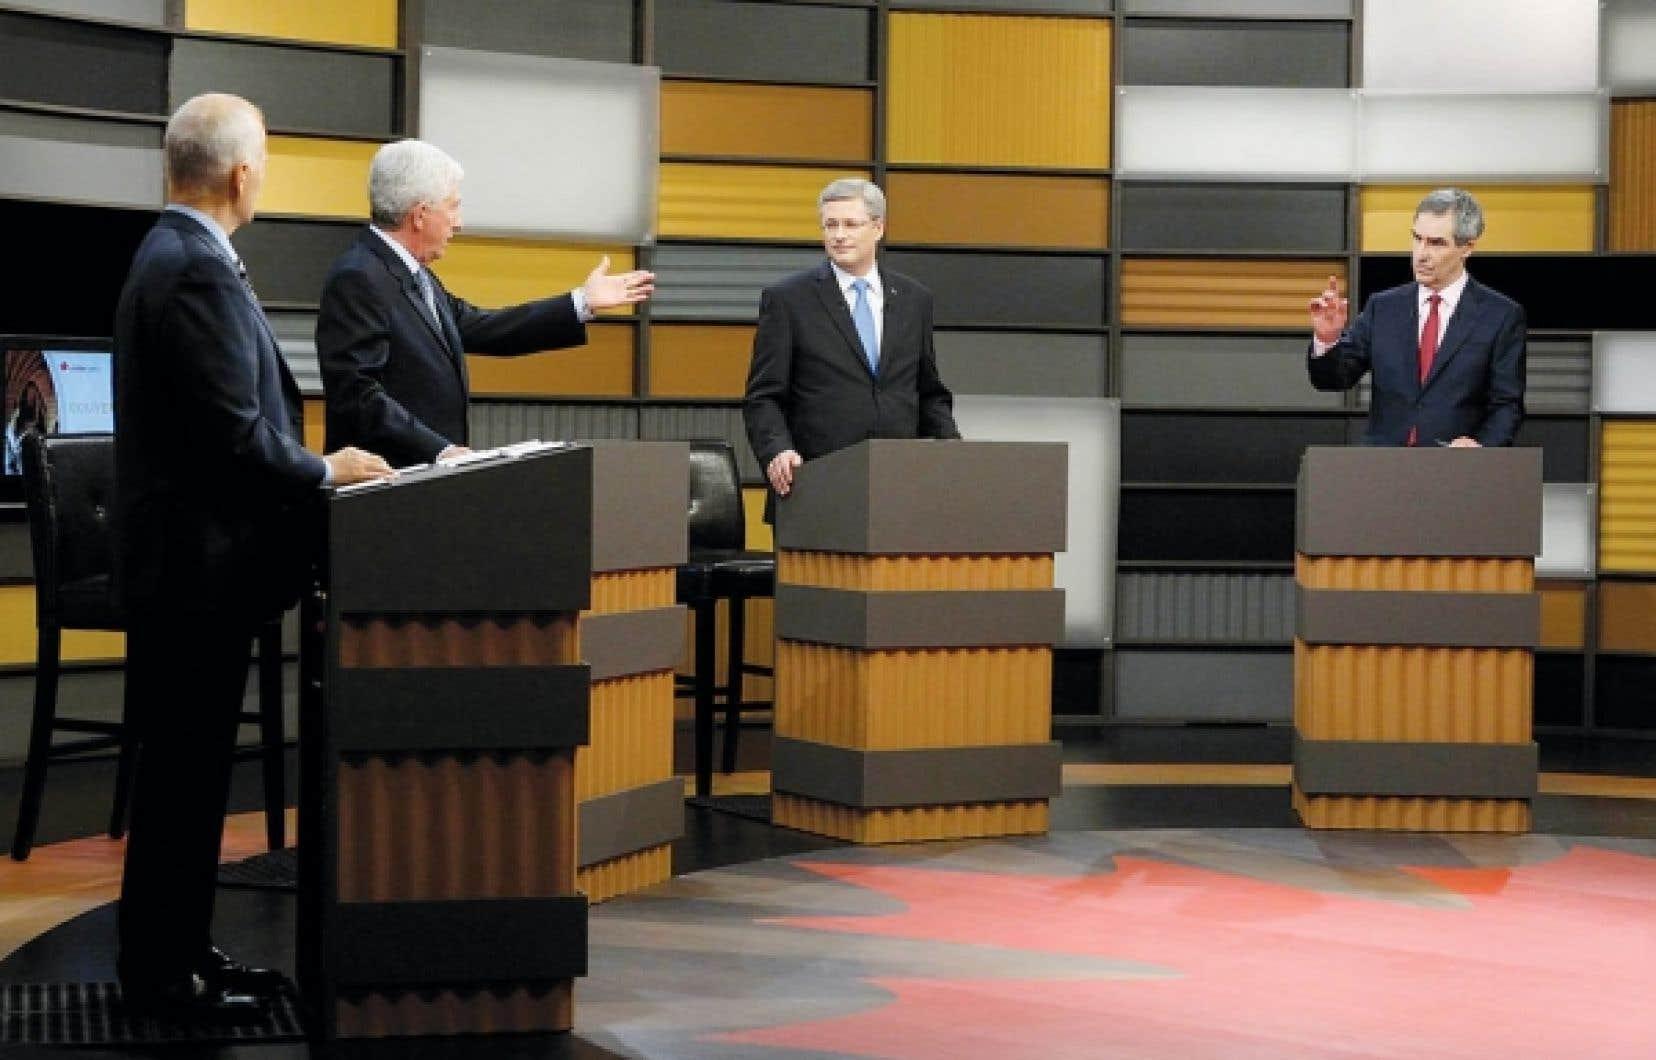 C'est lors du cinquième et avant-dernier segment du débat, consacré à la Constitution, que les quatre chefs ont fait preuve d'un peu de passion.